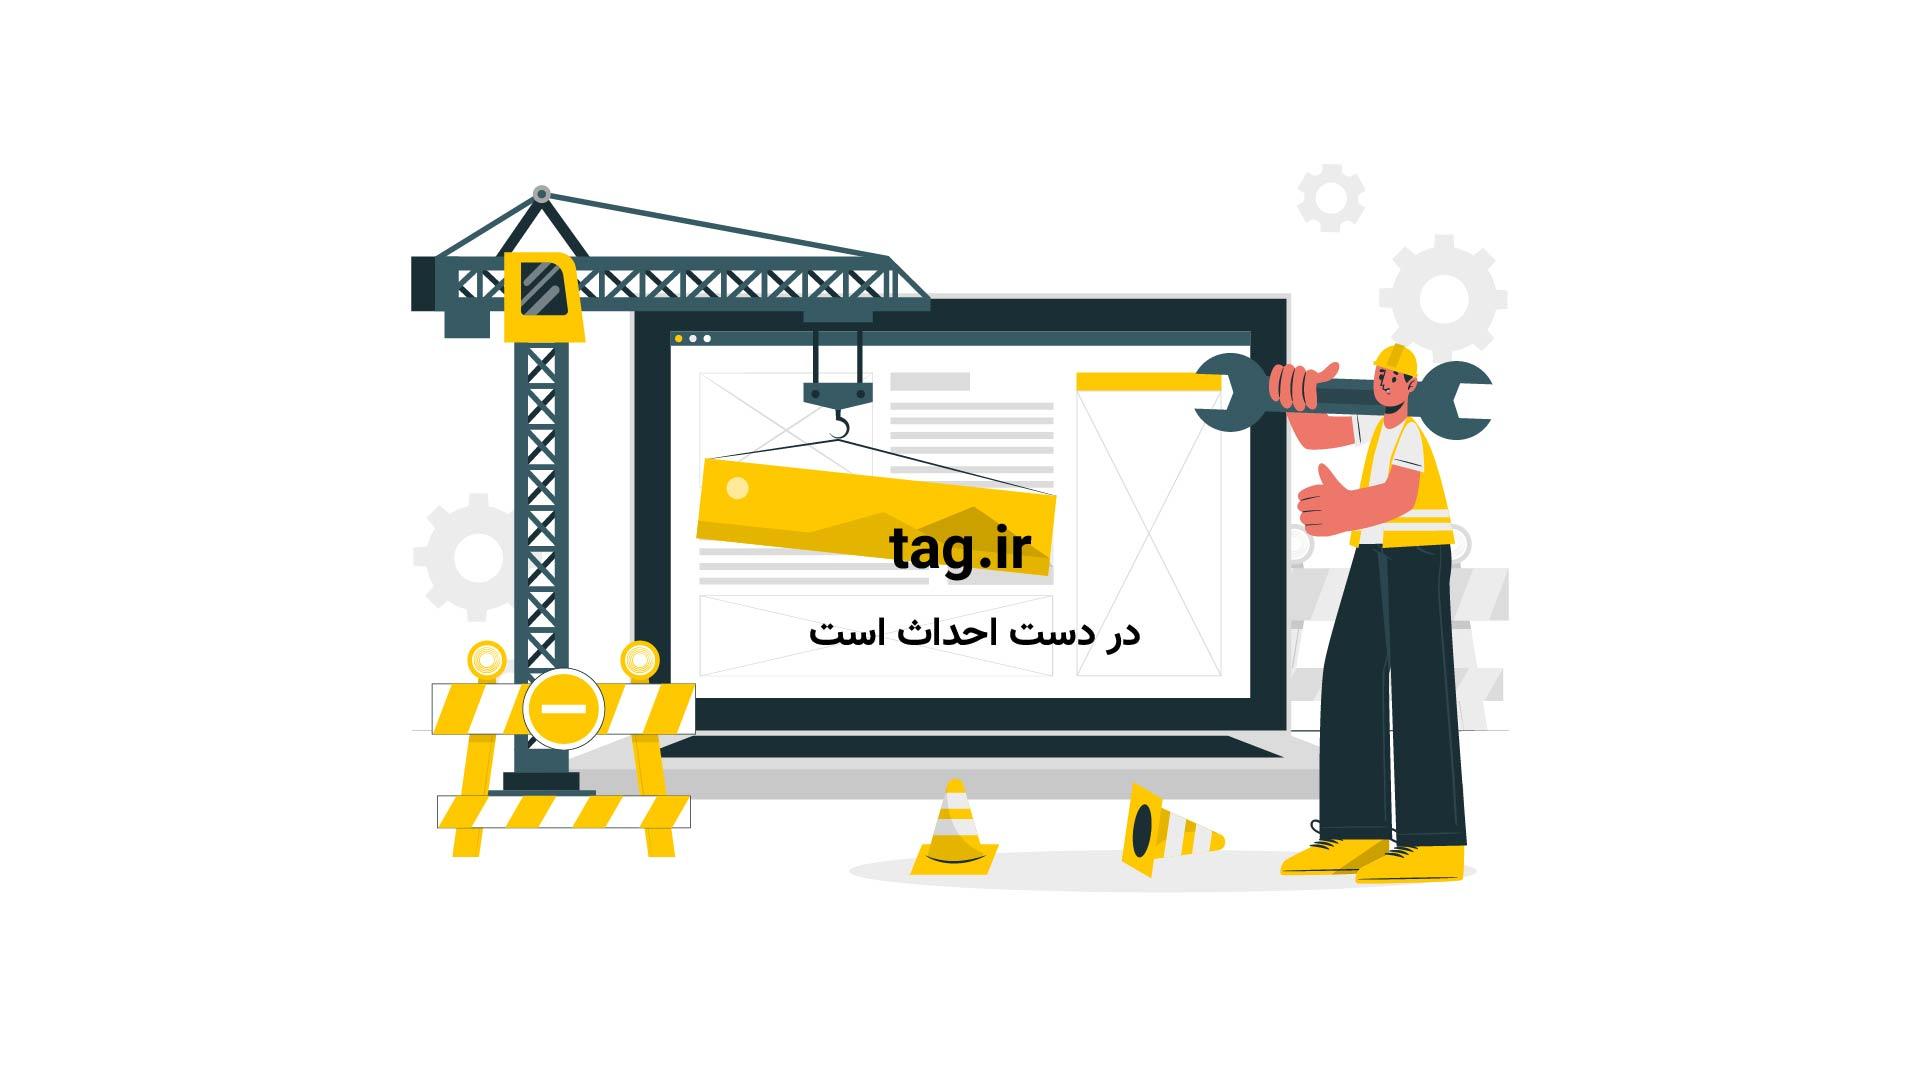 شورای حل اختلاف افزایش نرخ حمل و نقل عمومی را تایید کرد